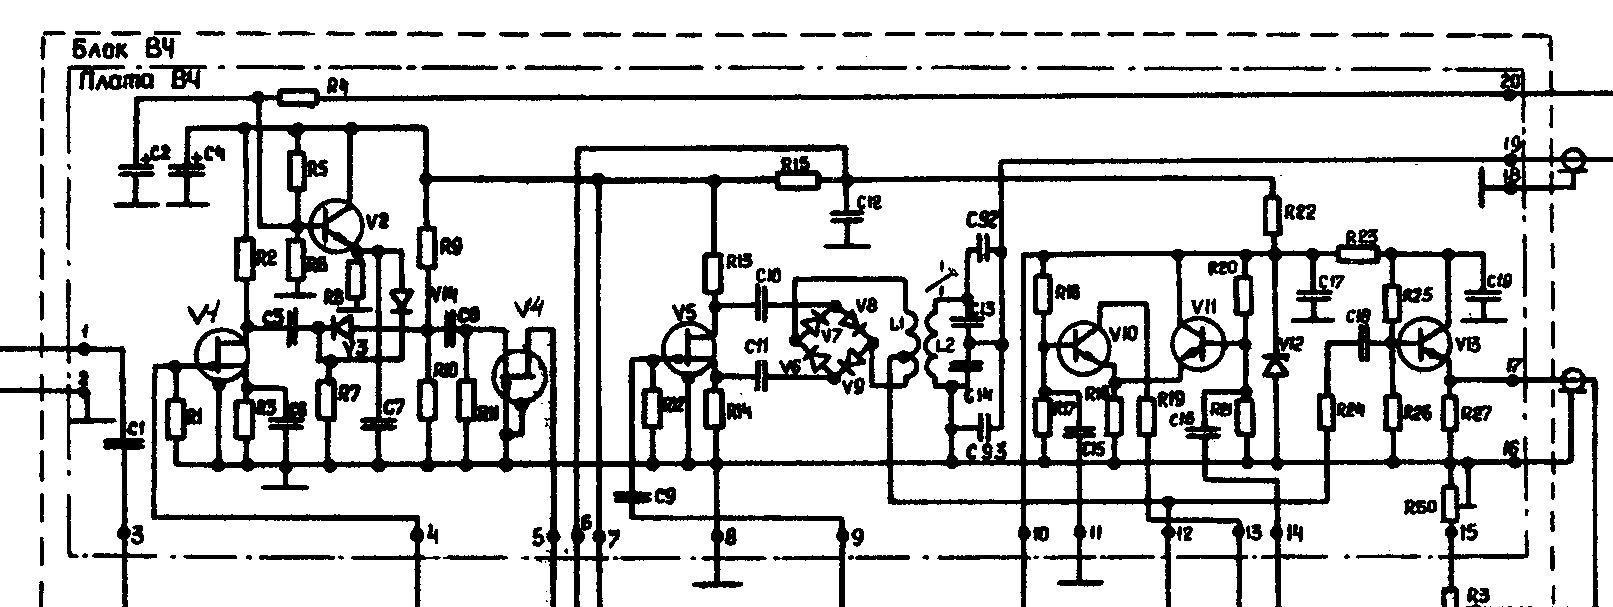 принципиальная схема радио приёмника альпинист 321